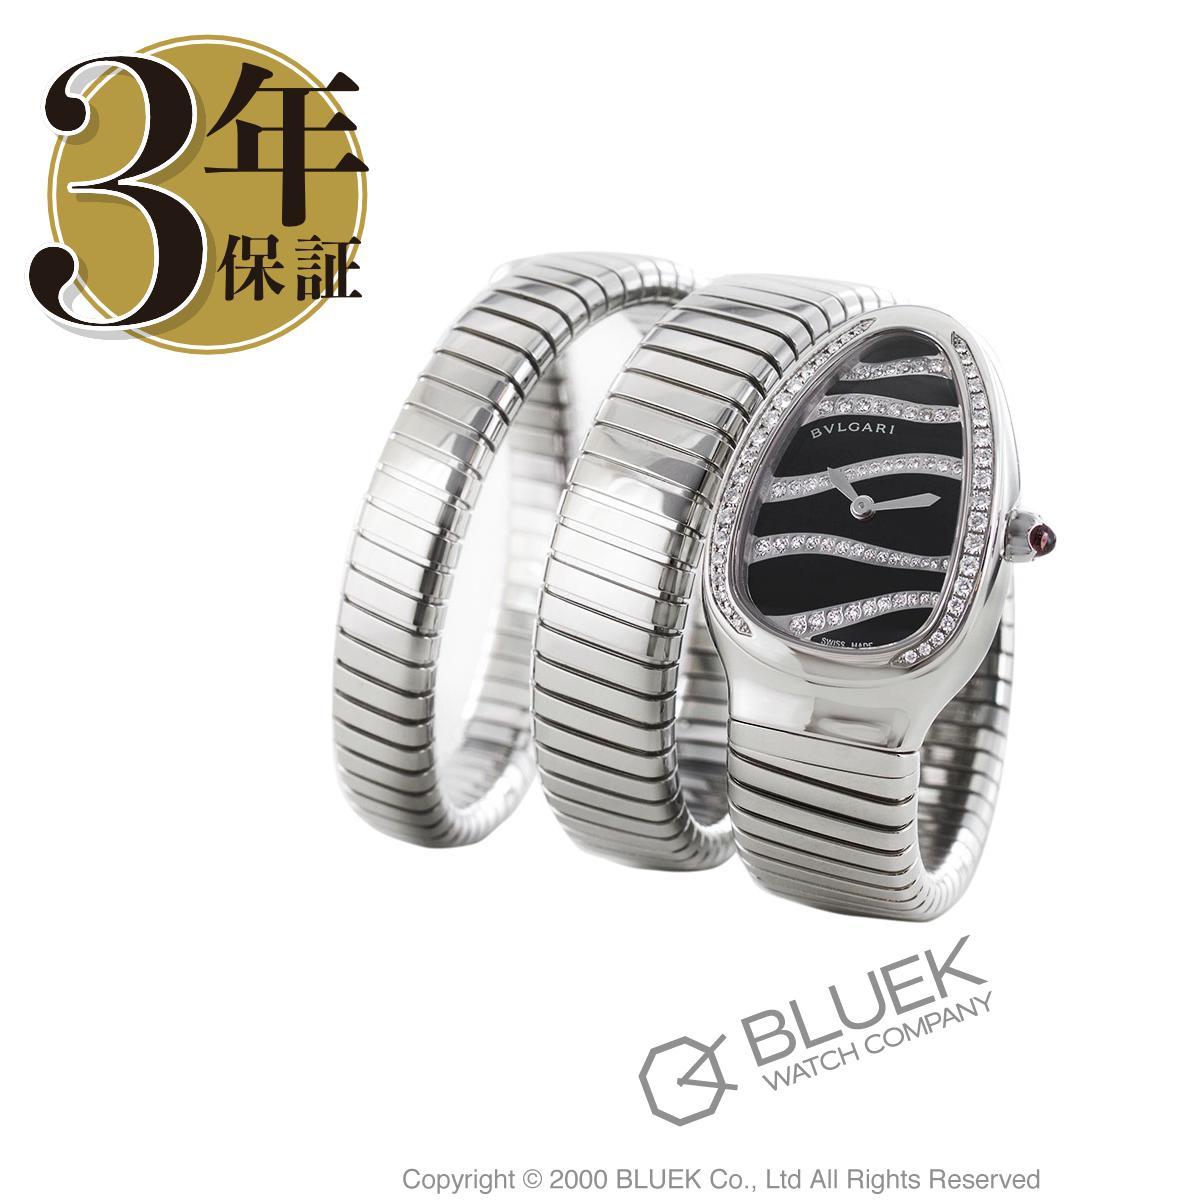 ブルガリ セルペンティ トゥボガス ダイヤ 腕時計 レディース BVLGARI SP35BDSDS.2T_8